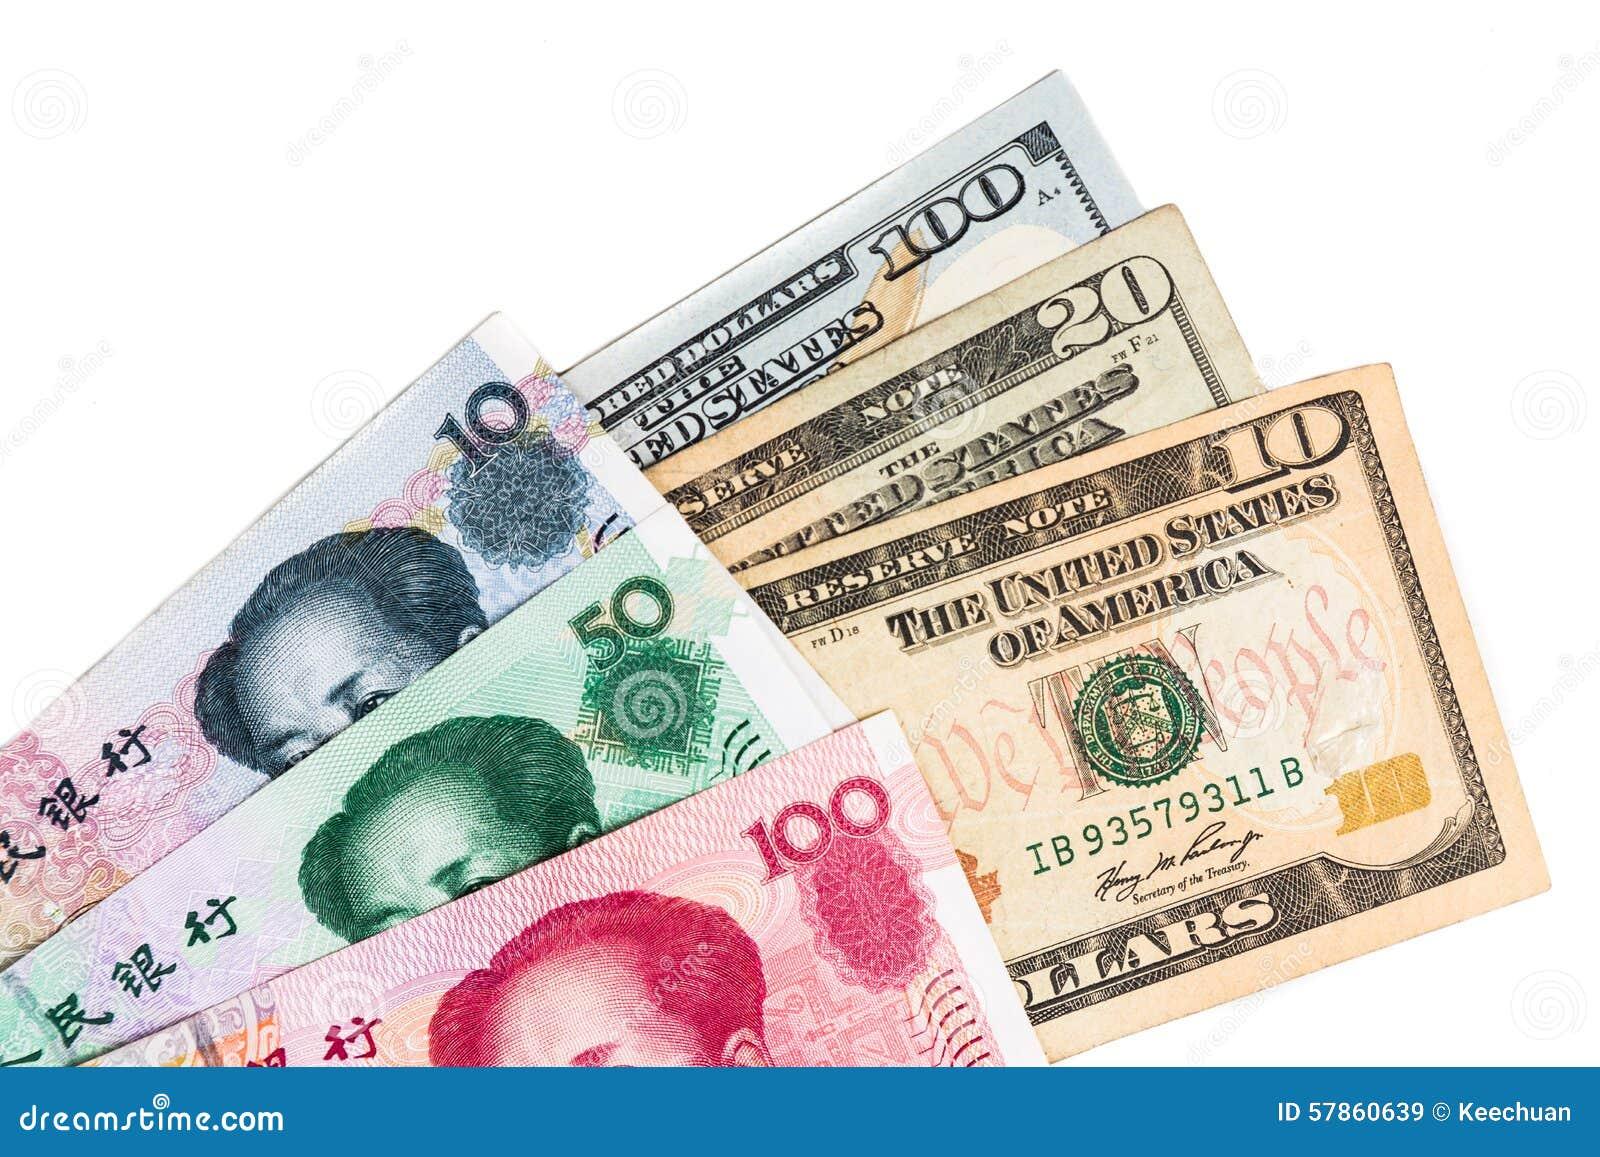 Закройте вверх примечания валюты Renminbi юаней Китая против доллара США